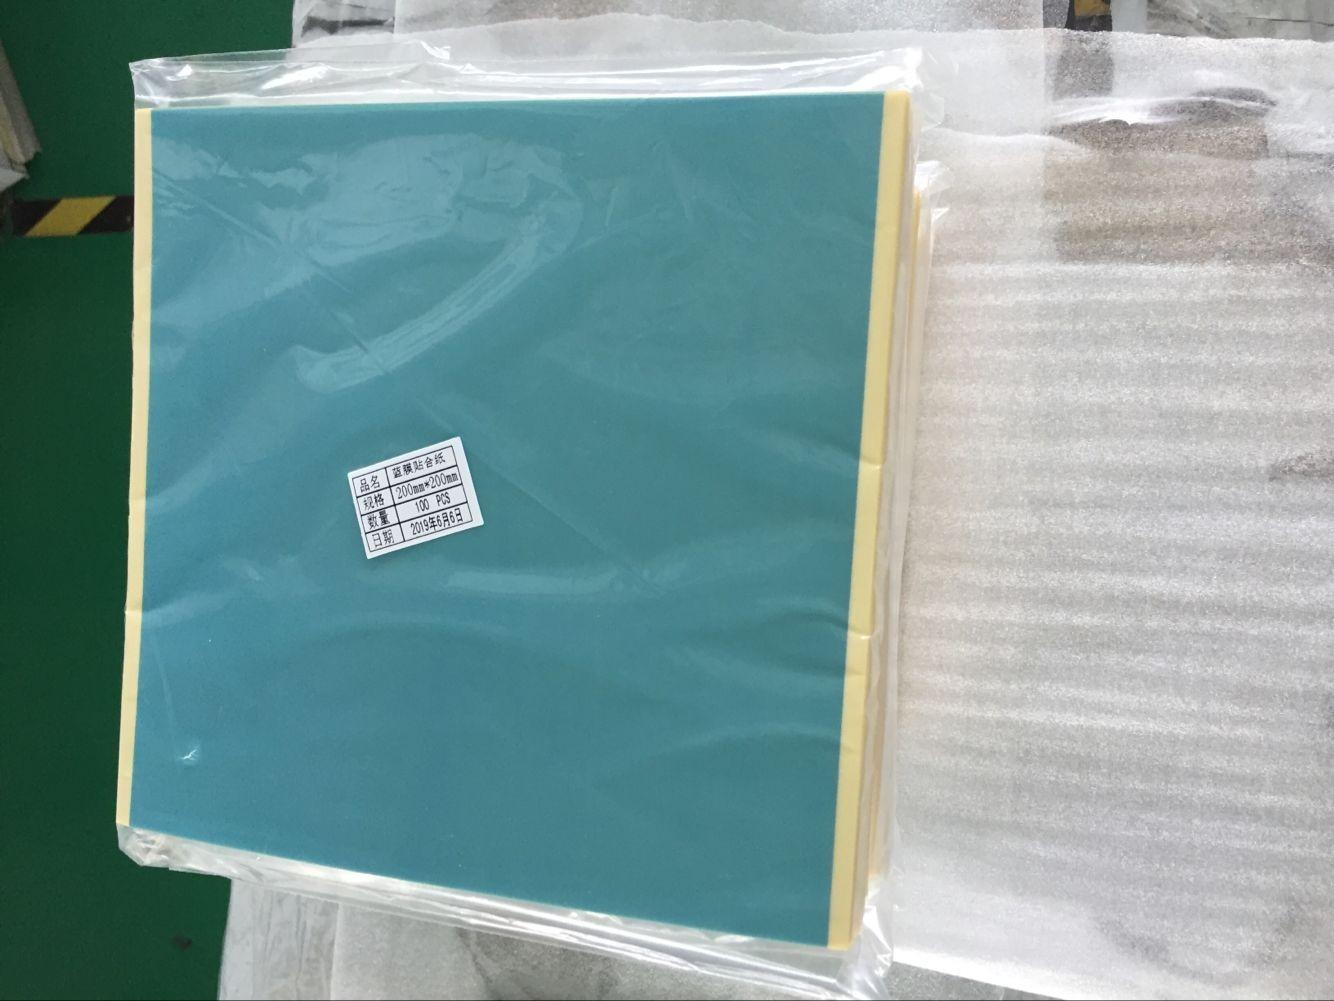 无硅油离型纸,芯片垫底离型纸